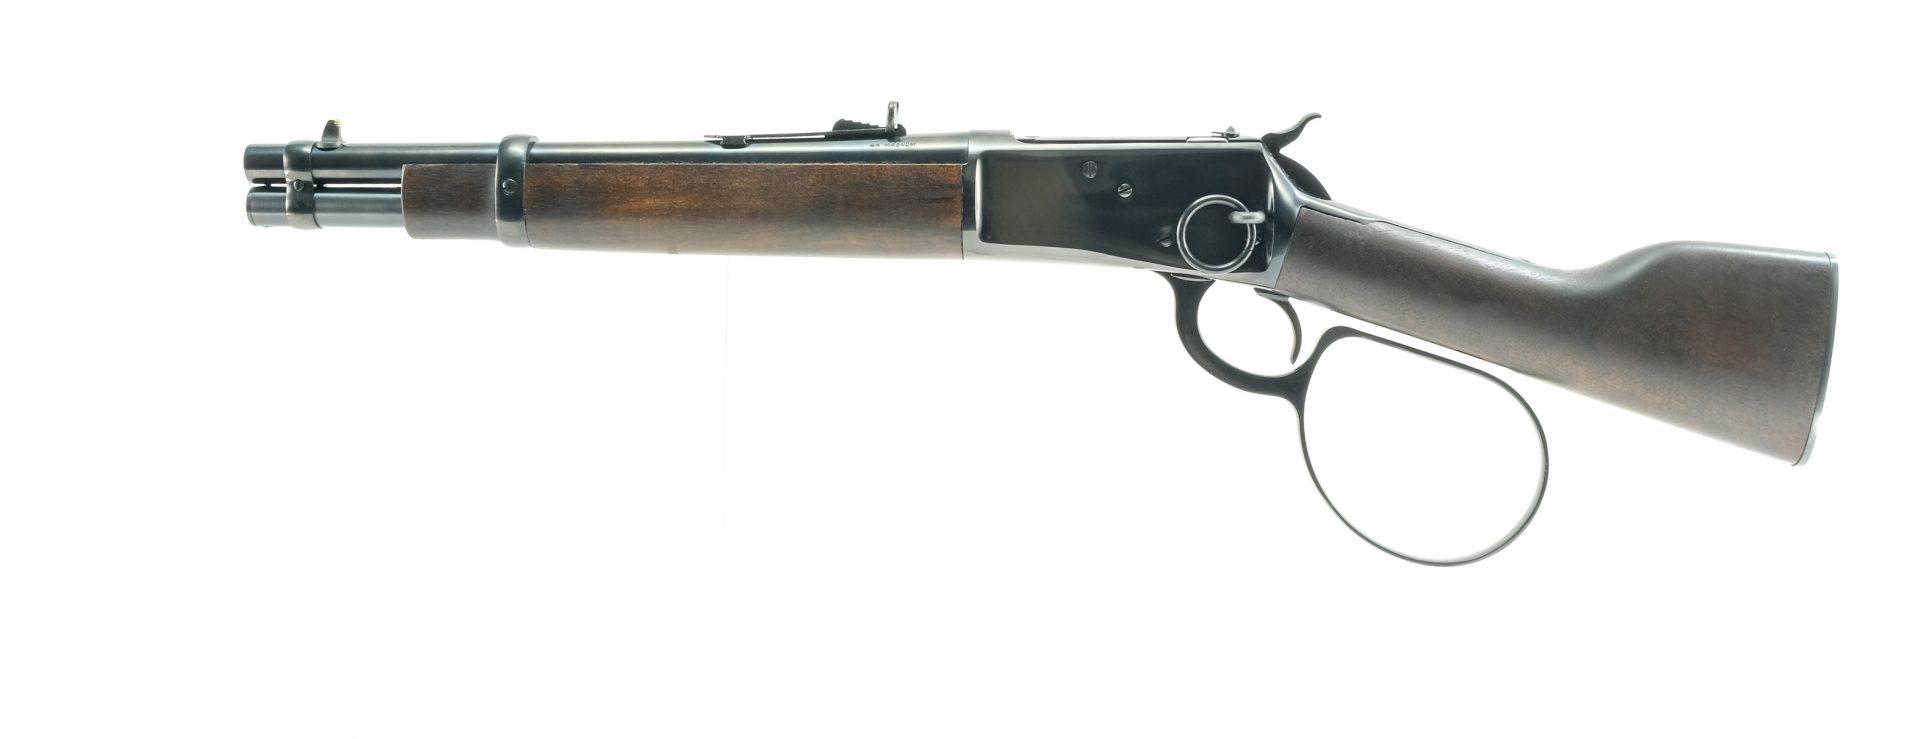 Rossi Mare's Leg Lever Action Pistol .44 Magnum